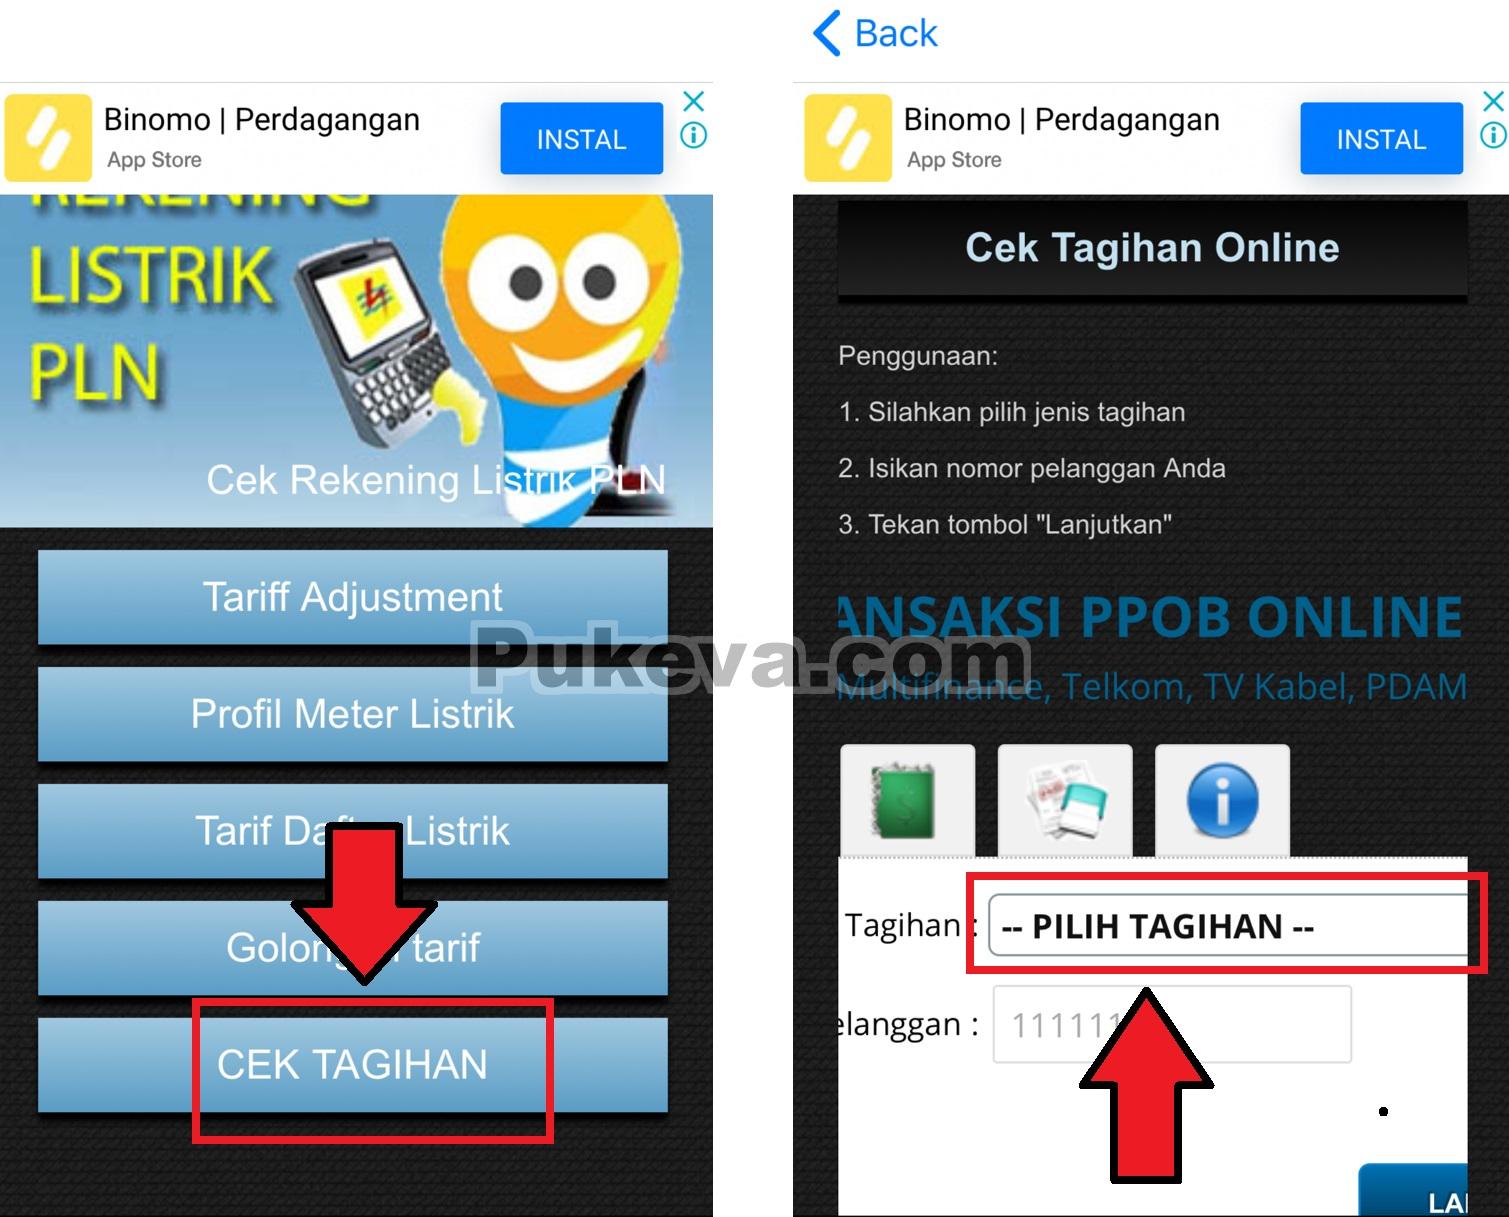 Cara Cek Tagihan Listrik Pln Online Menggunakan Aplikasi Di Android Ios Pukeva